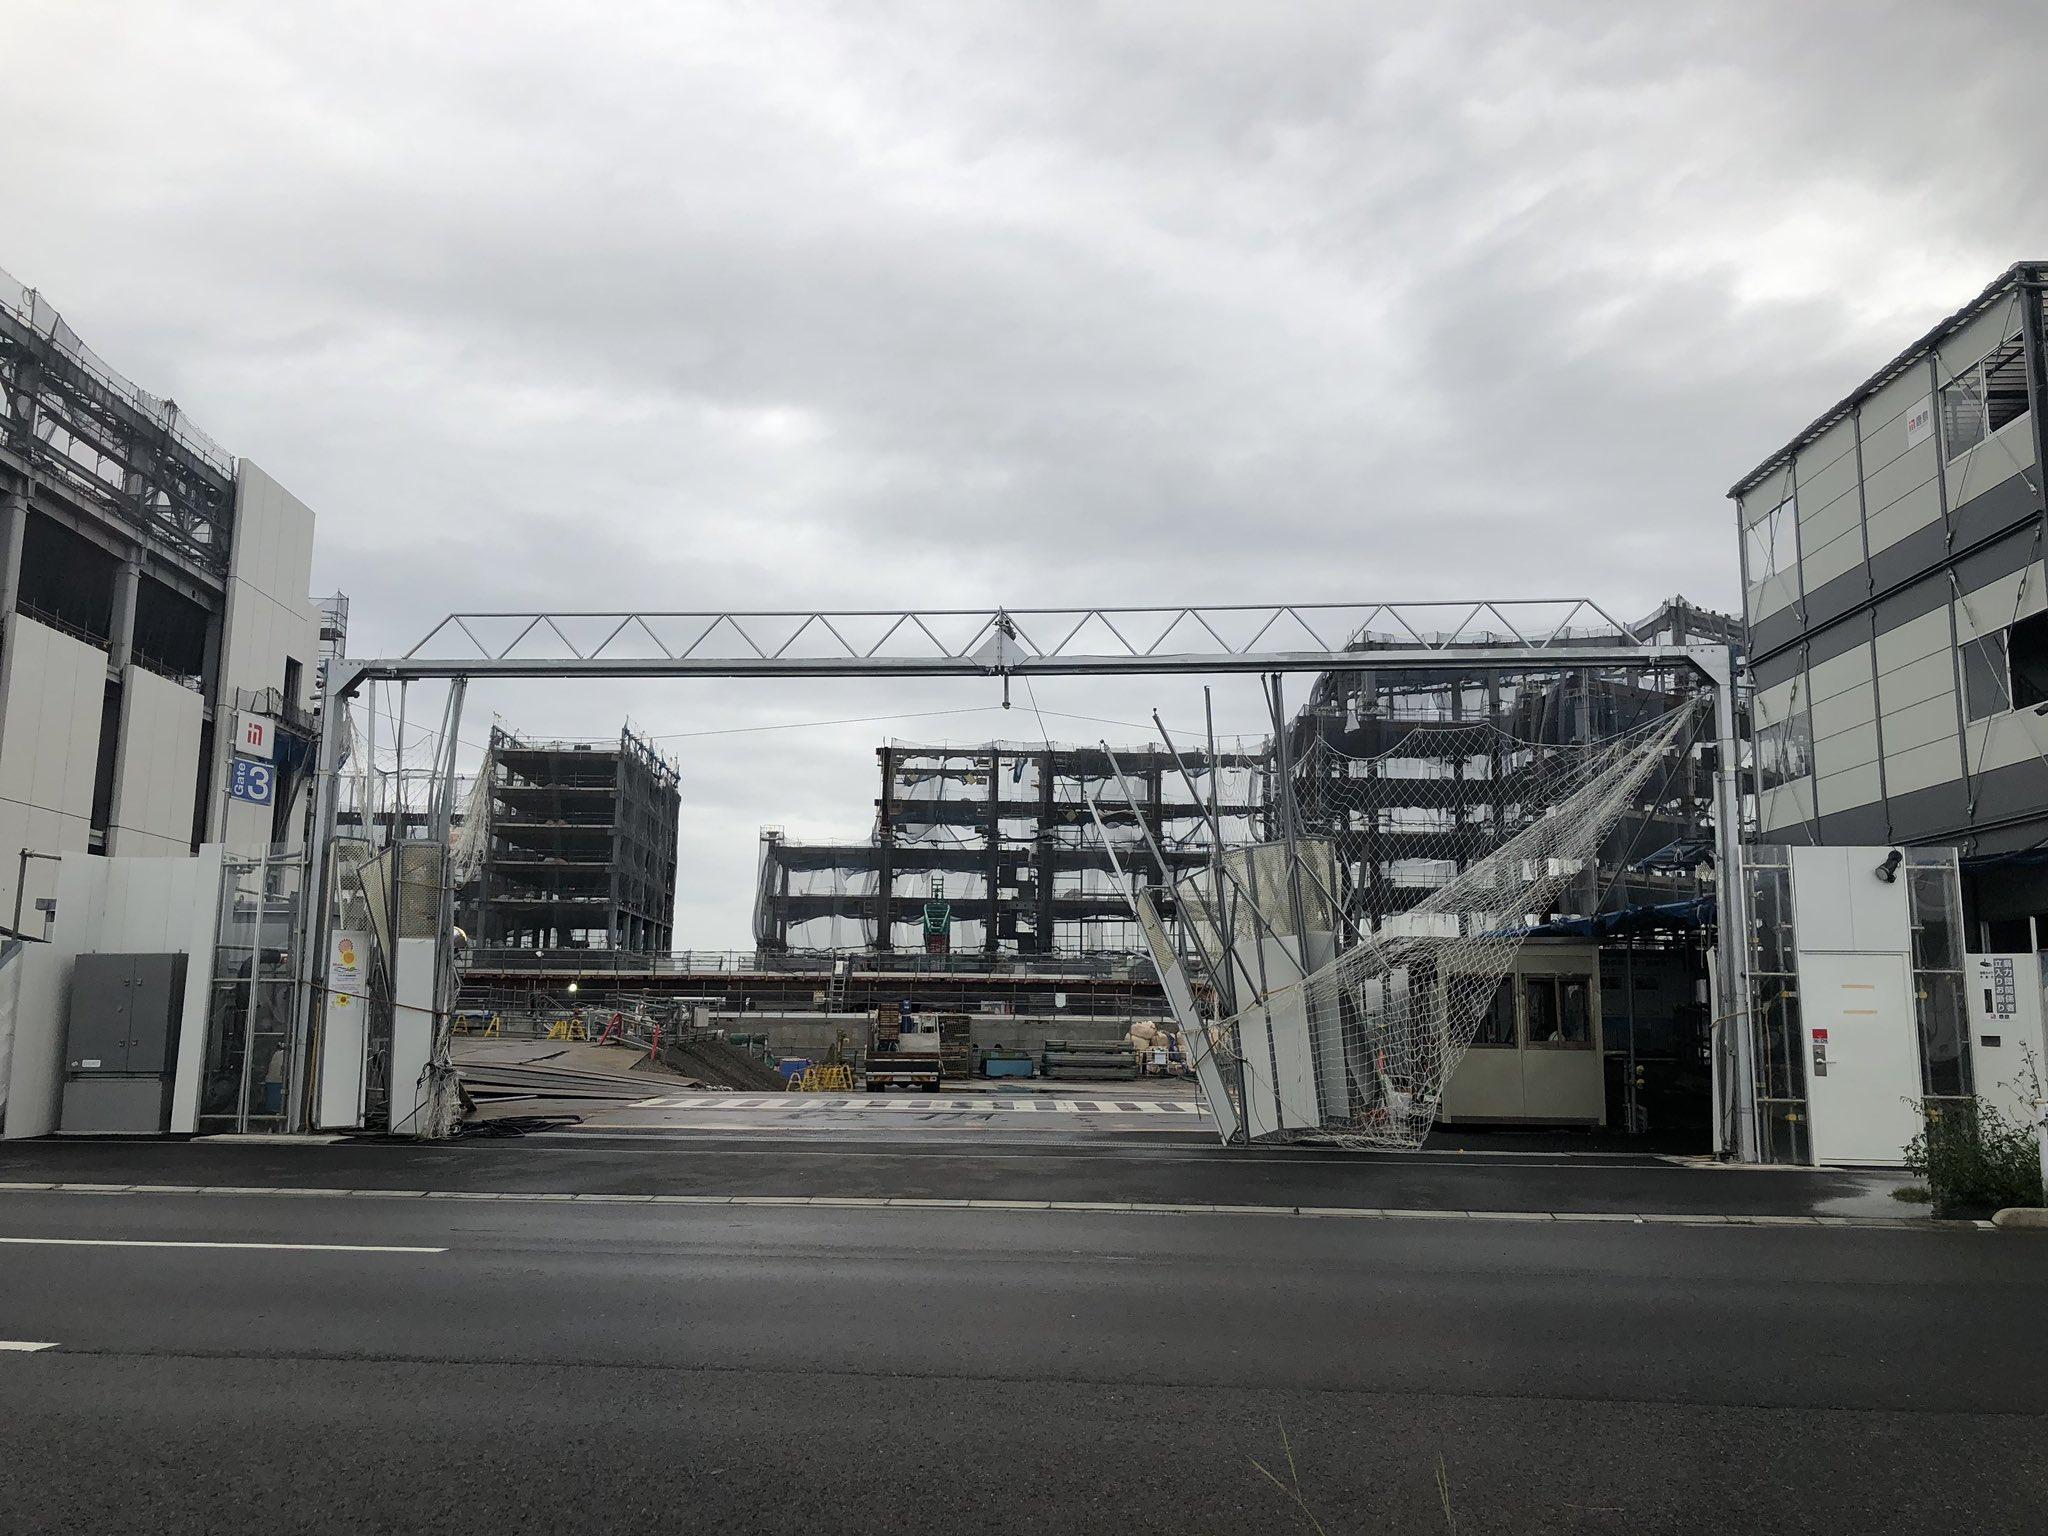 画像,羽田空港の周りの拡張工事現場がドア壊れたり足場崩落して1タミと国際線への道(環八)塞いだりでもうグダグダ。間違っても空港までタクシーで行ったら間に合うなんて思わ…